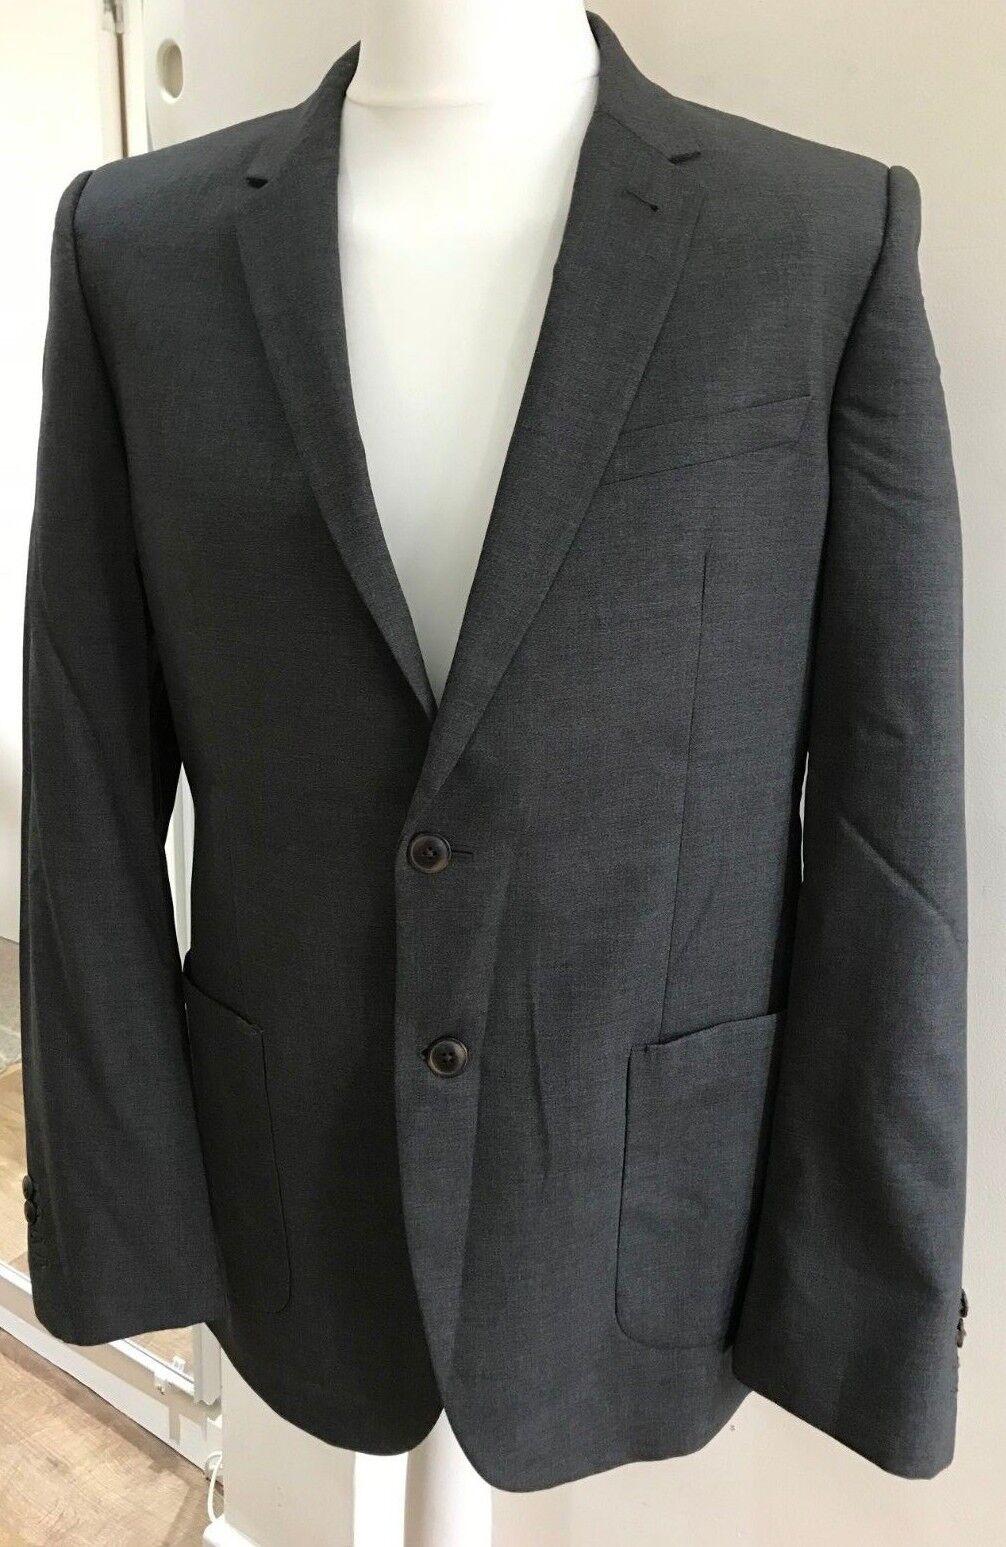 Costume LEWIS-Taille homme veste par JOHN LEWIS-Taille Costume 40R-BNWT-Seymour nattée SB2-Gris f3ed85